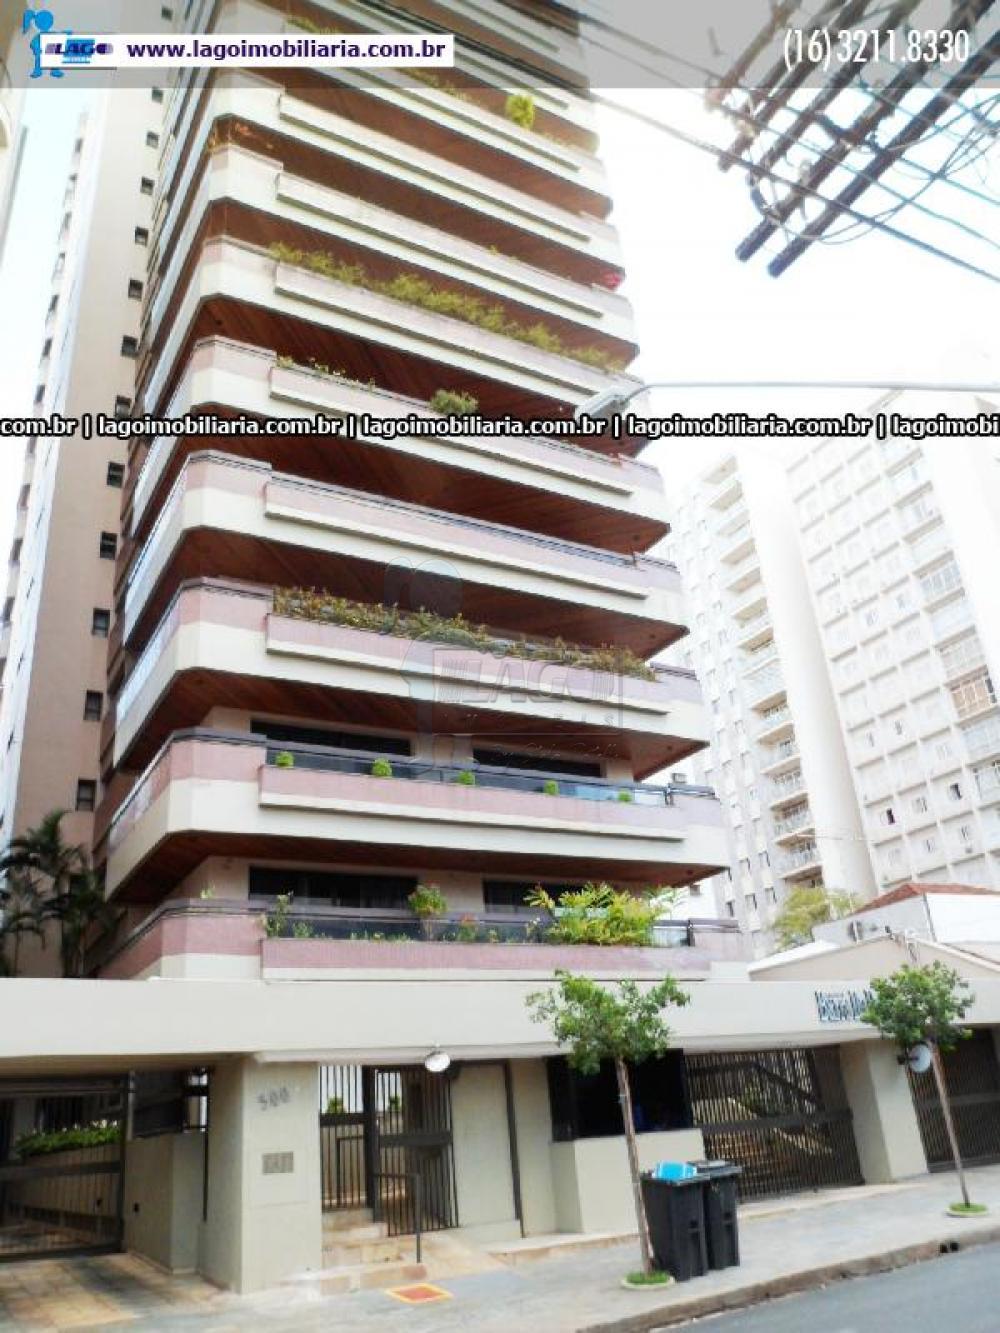 Alugar Apartamento / Padrão em Ribeirão Preto apenas R$ 2.500,00 - Foto 1